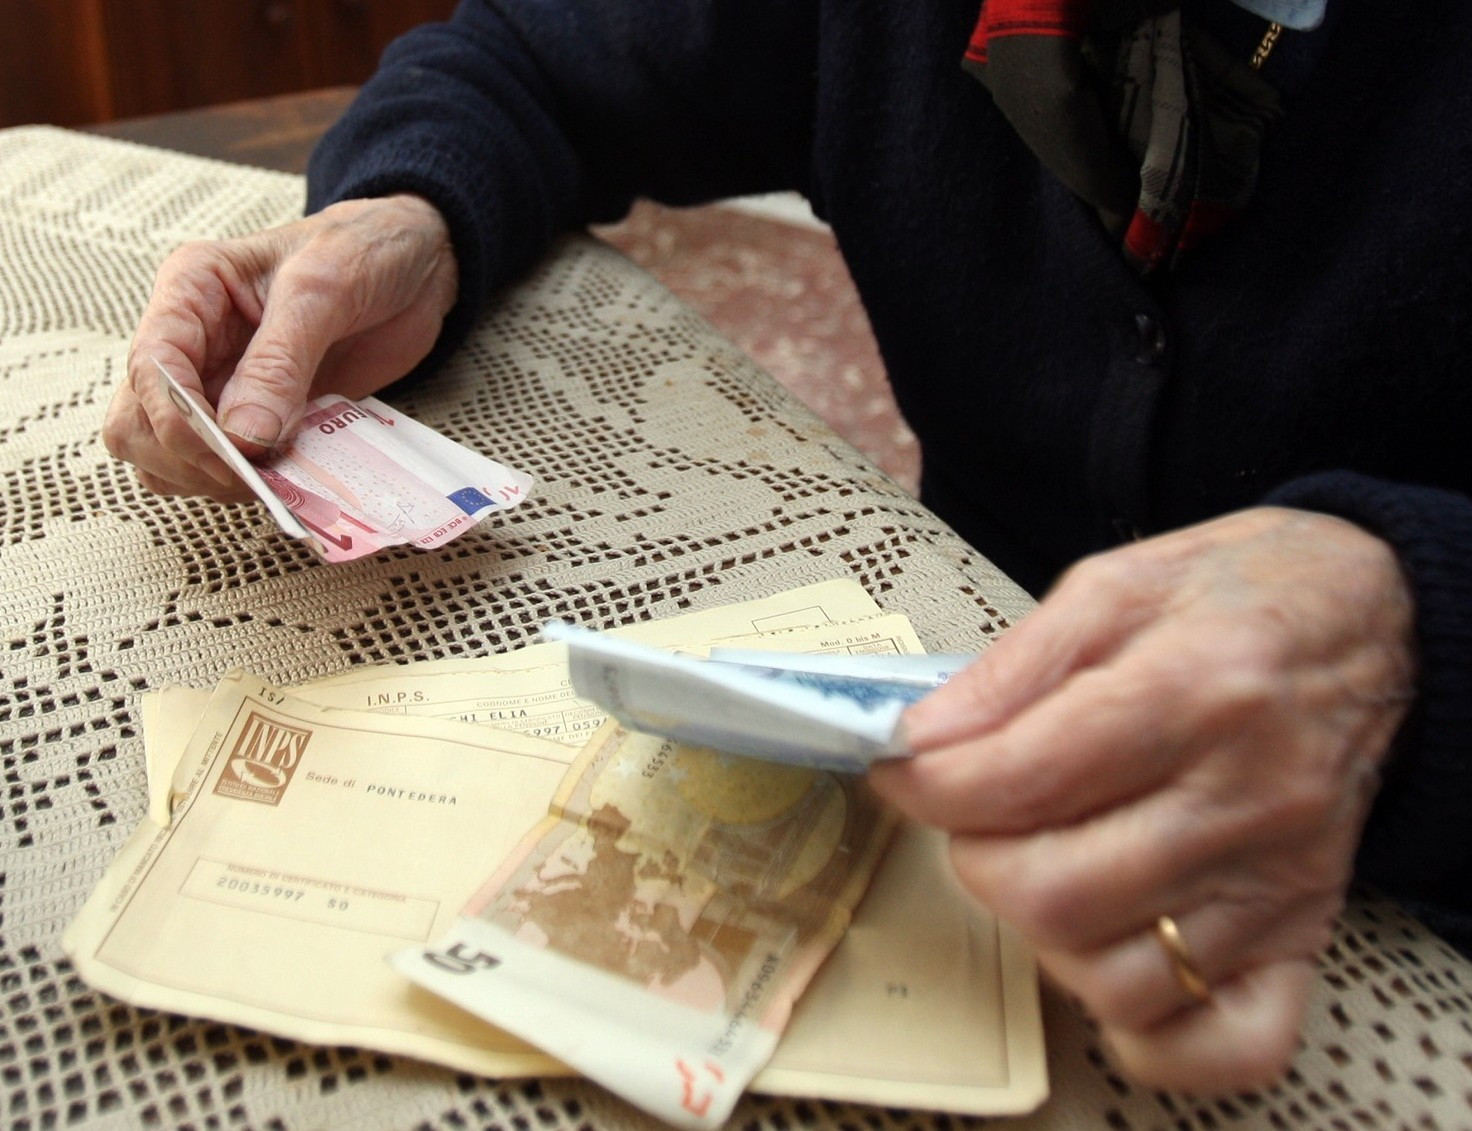 Pensione sociale: requisiti e importo dell'assegno sociale